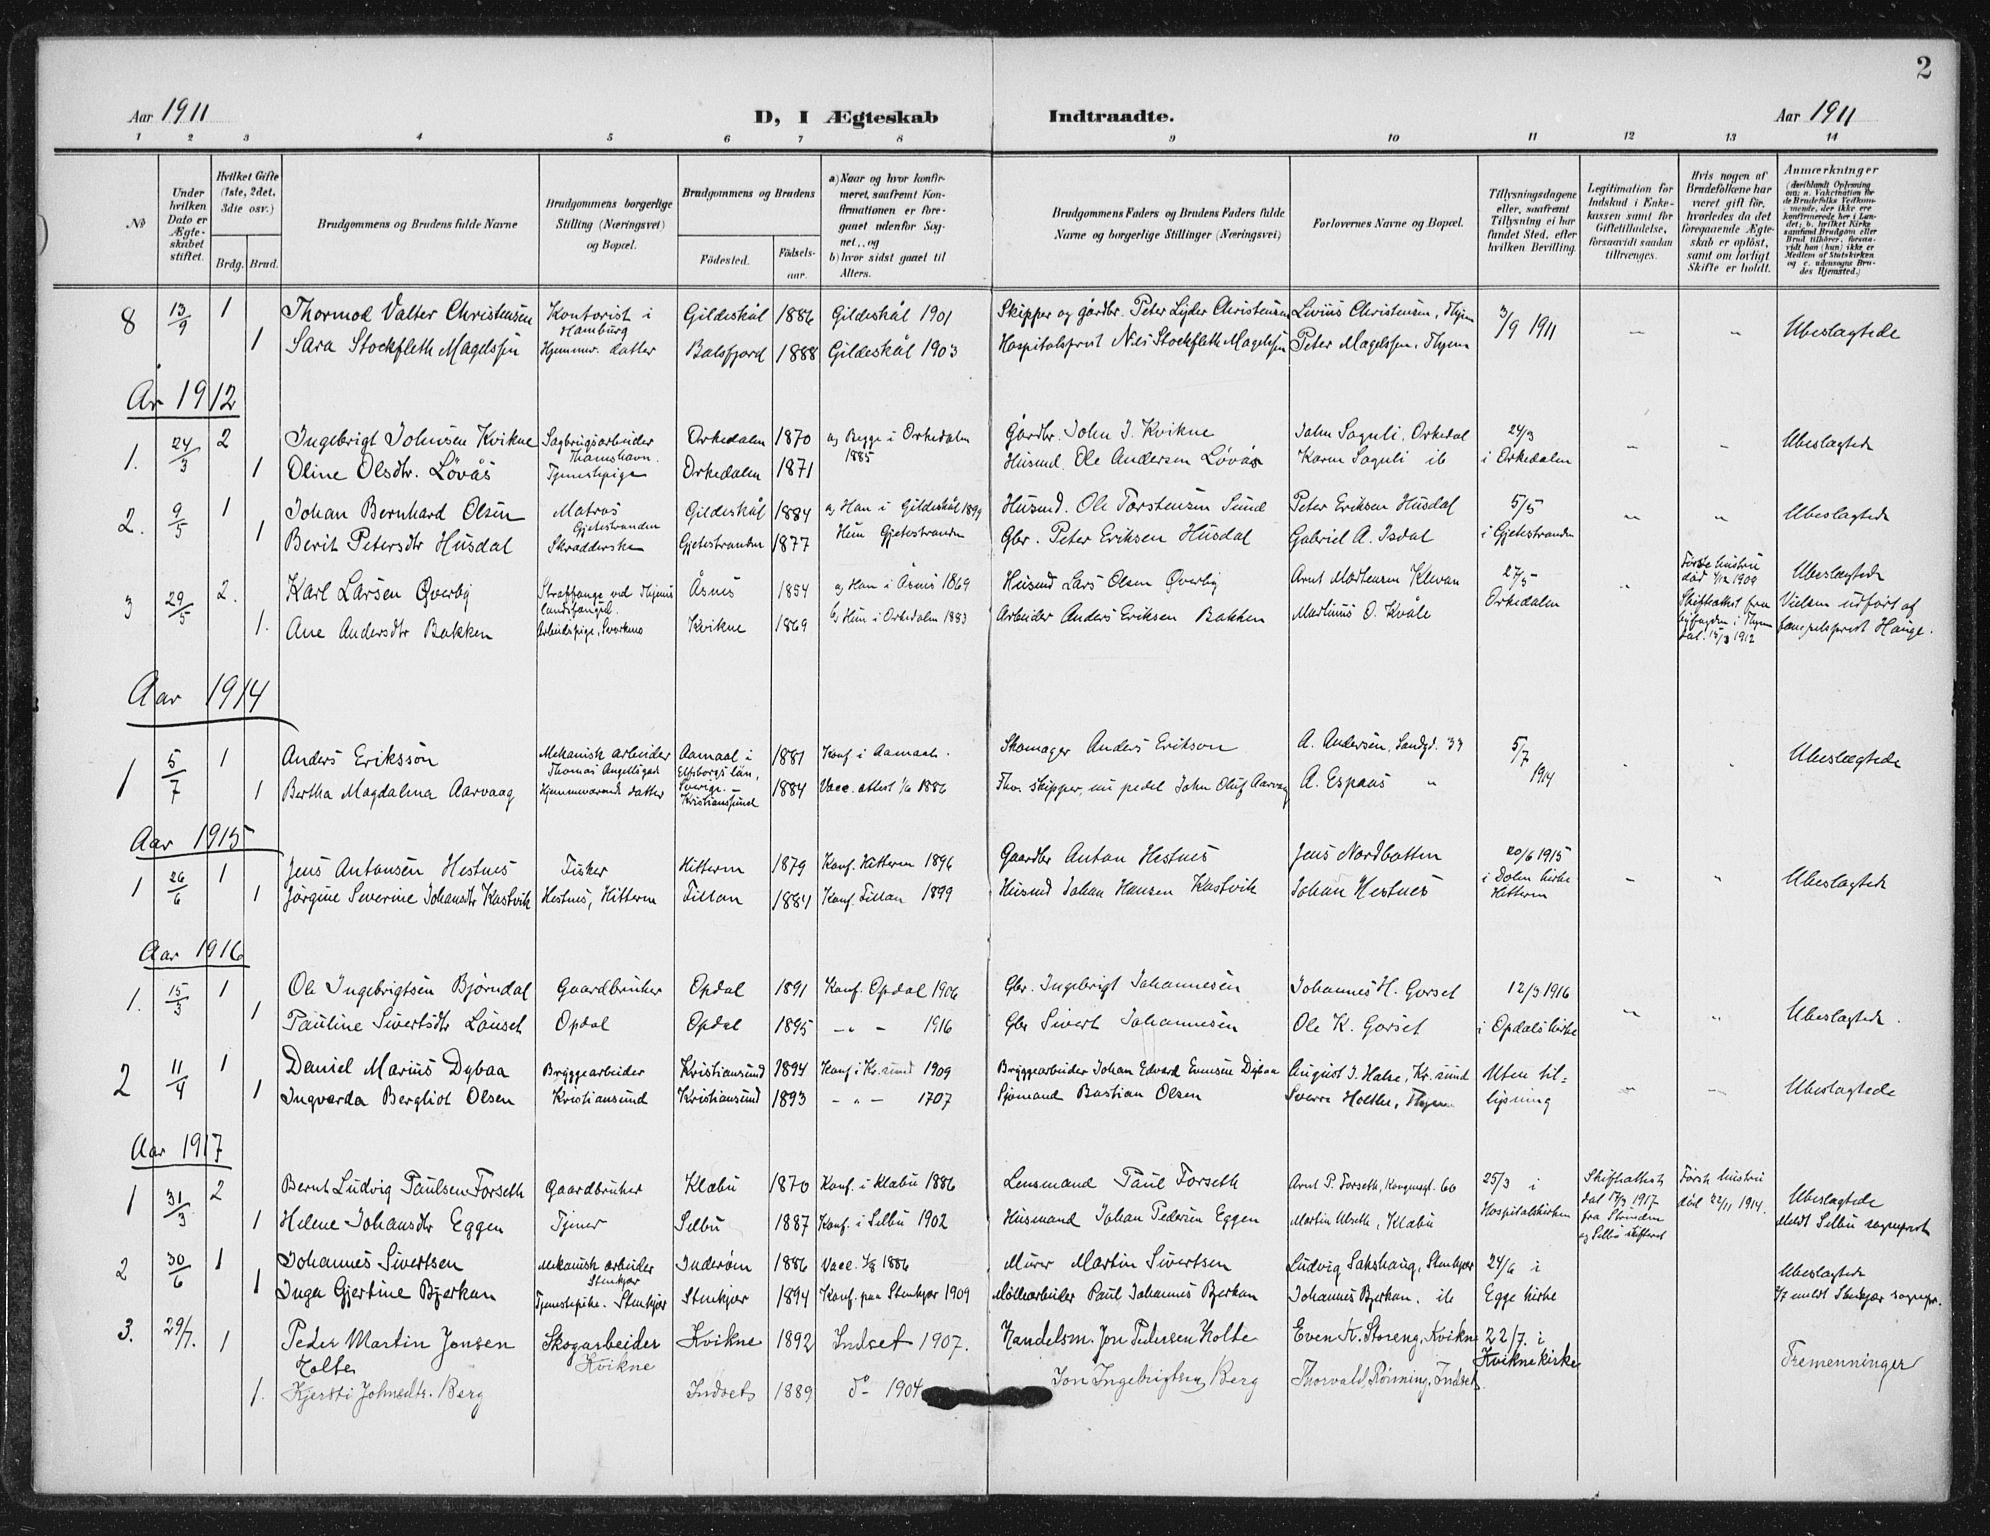 SAT, Ministerialprotokoller, klokkerbøker og fødselsregistre - Sør-Trøndelag, 623/L0472: Ministerialbok nr. 623A06, 1907-1938, s. 2